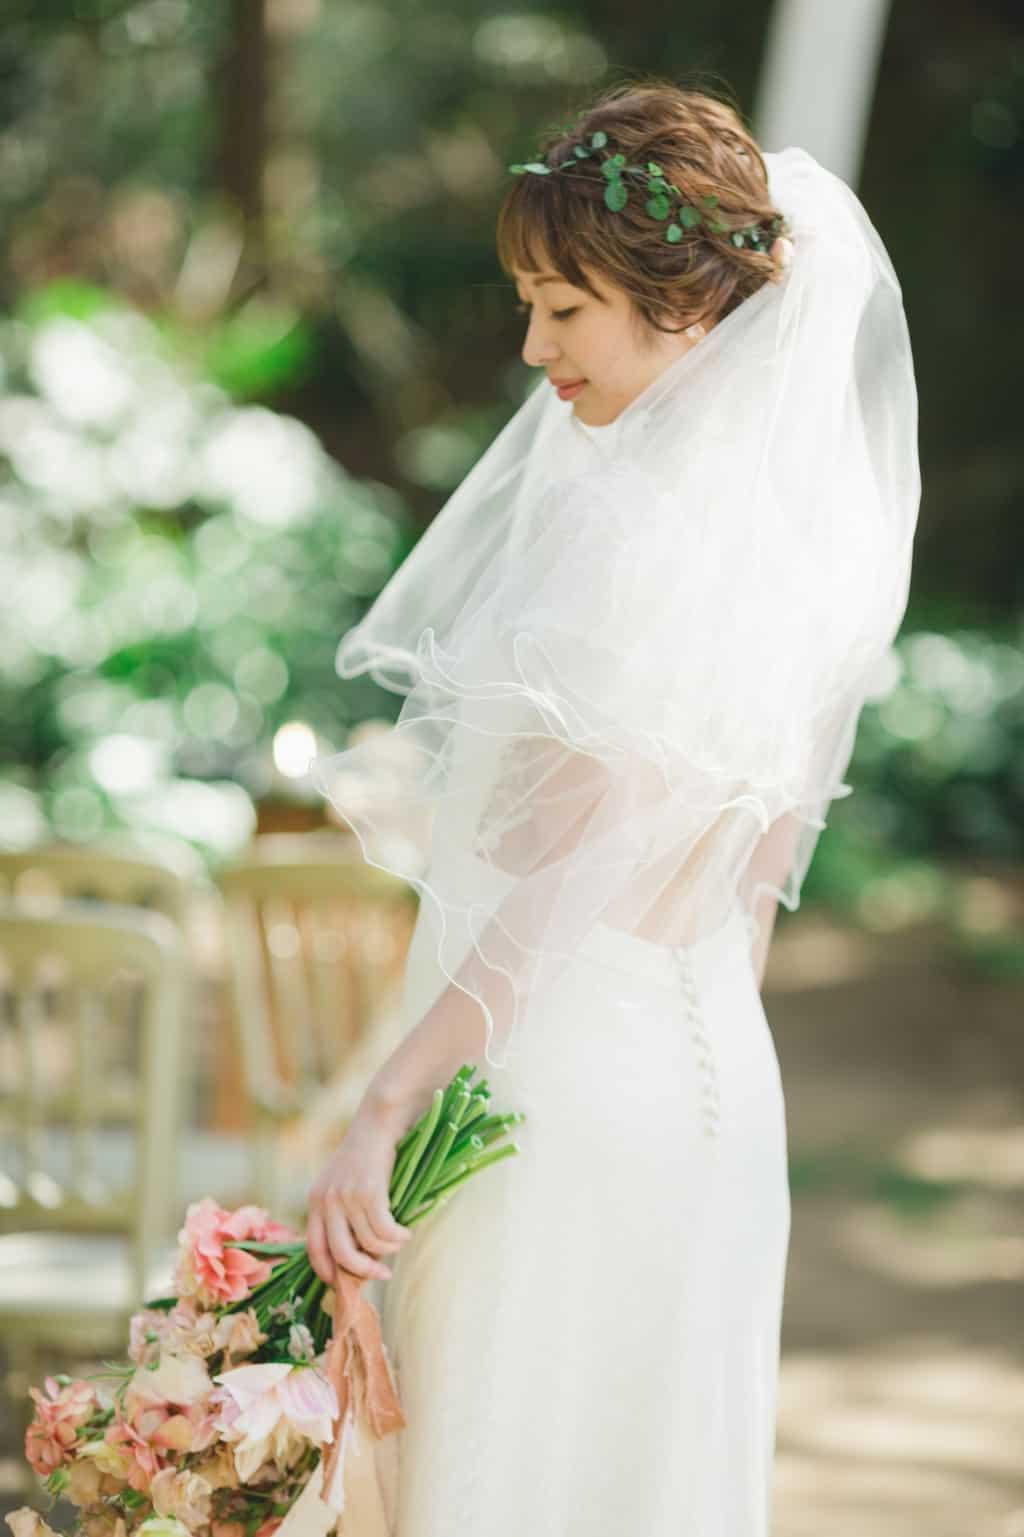 Cli'O mariage(クリオマリアージュ)でナチュラルウェディングを素敵に*卒花さんの口コミ付きドレスショット10選のカバー写真